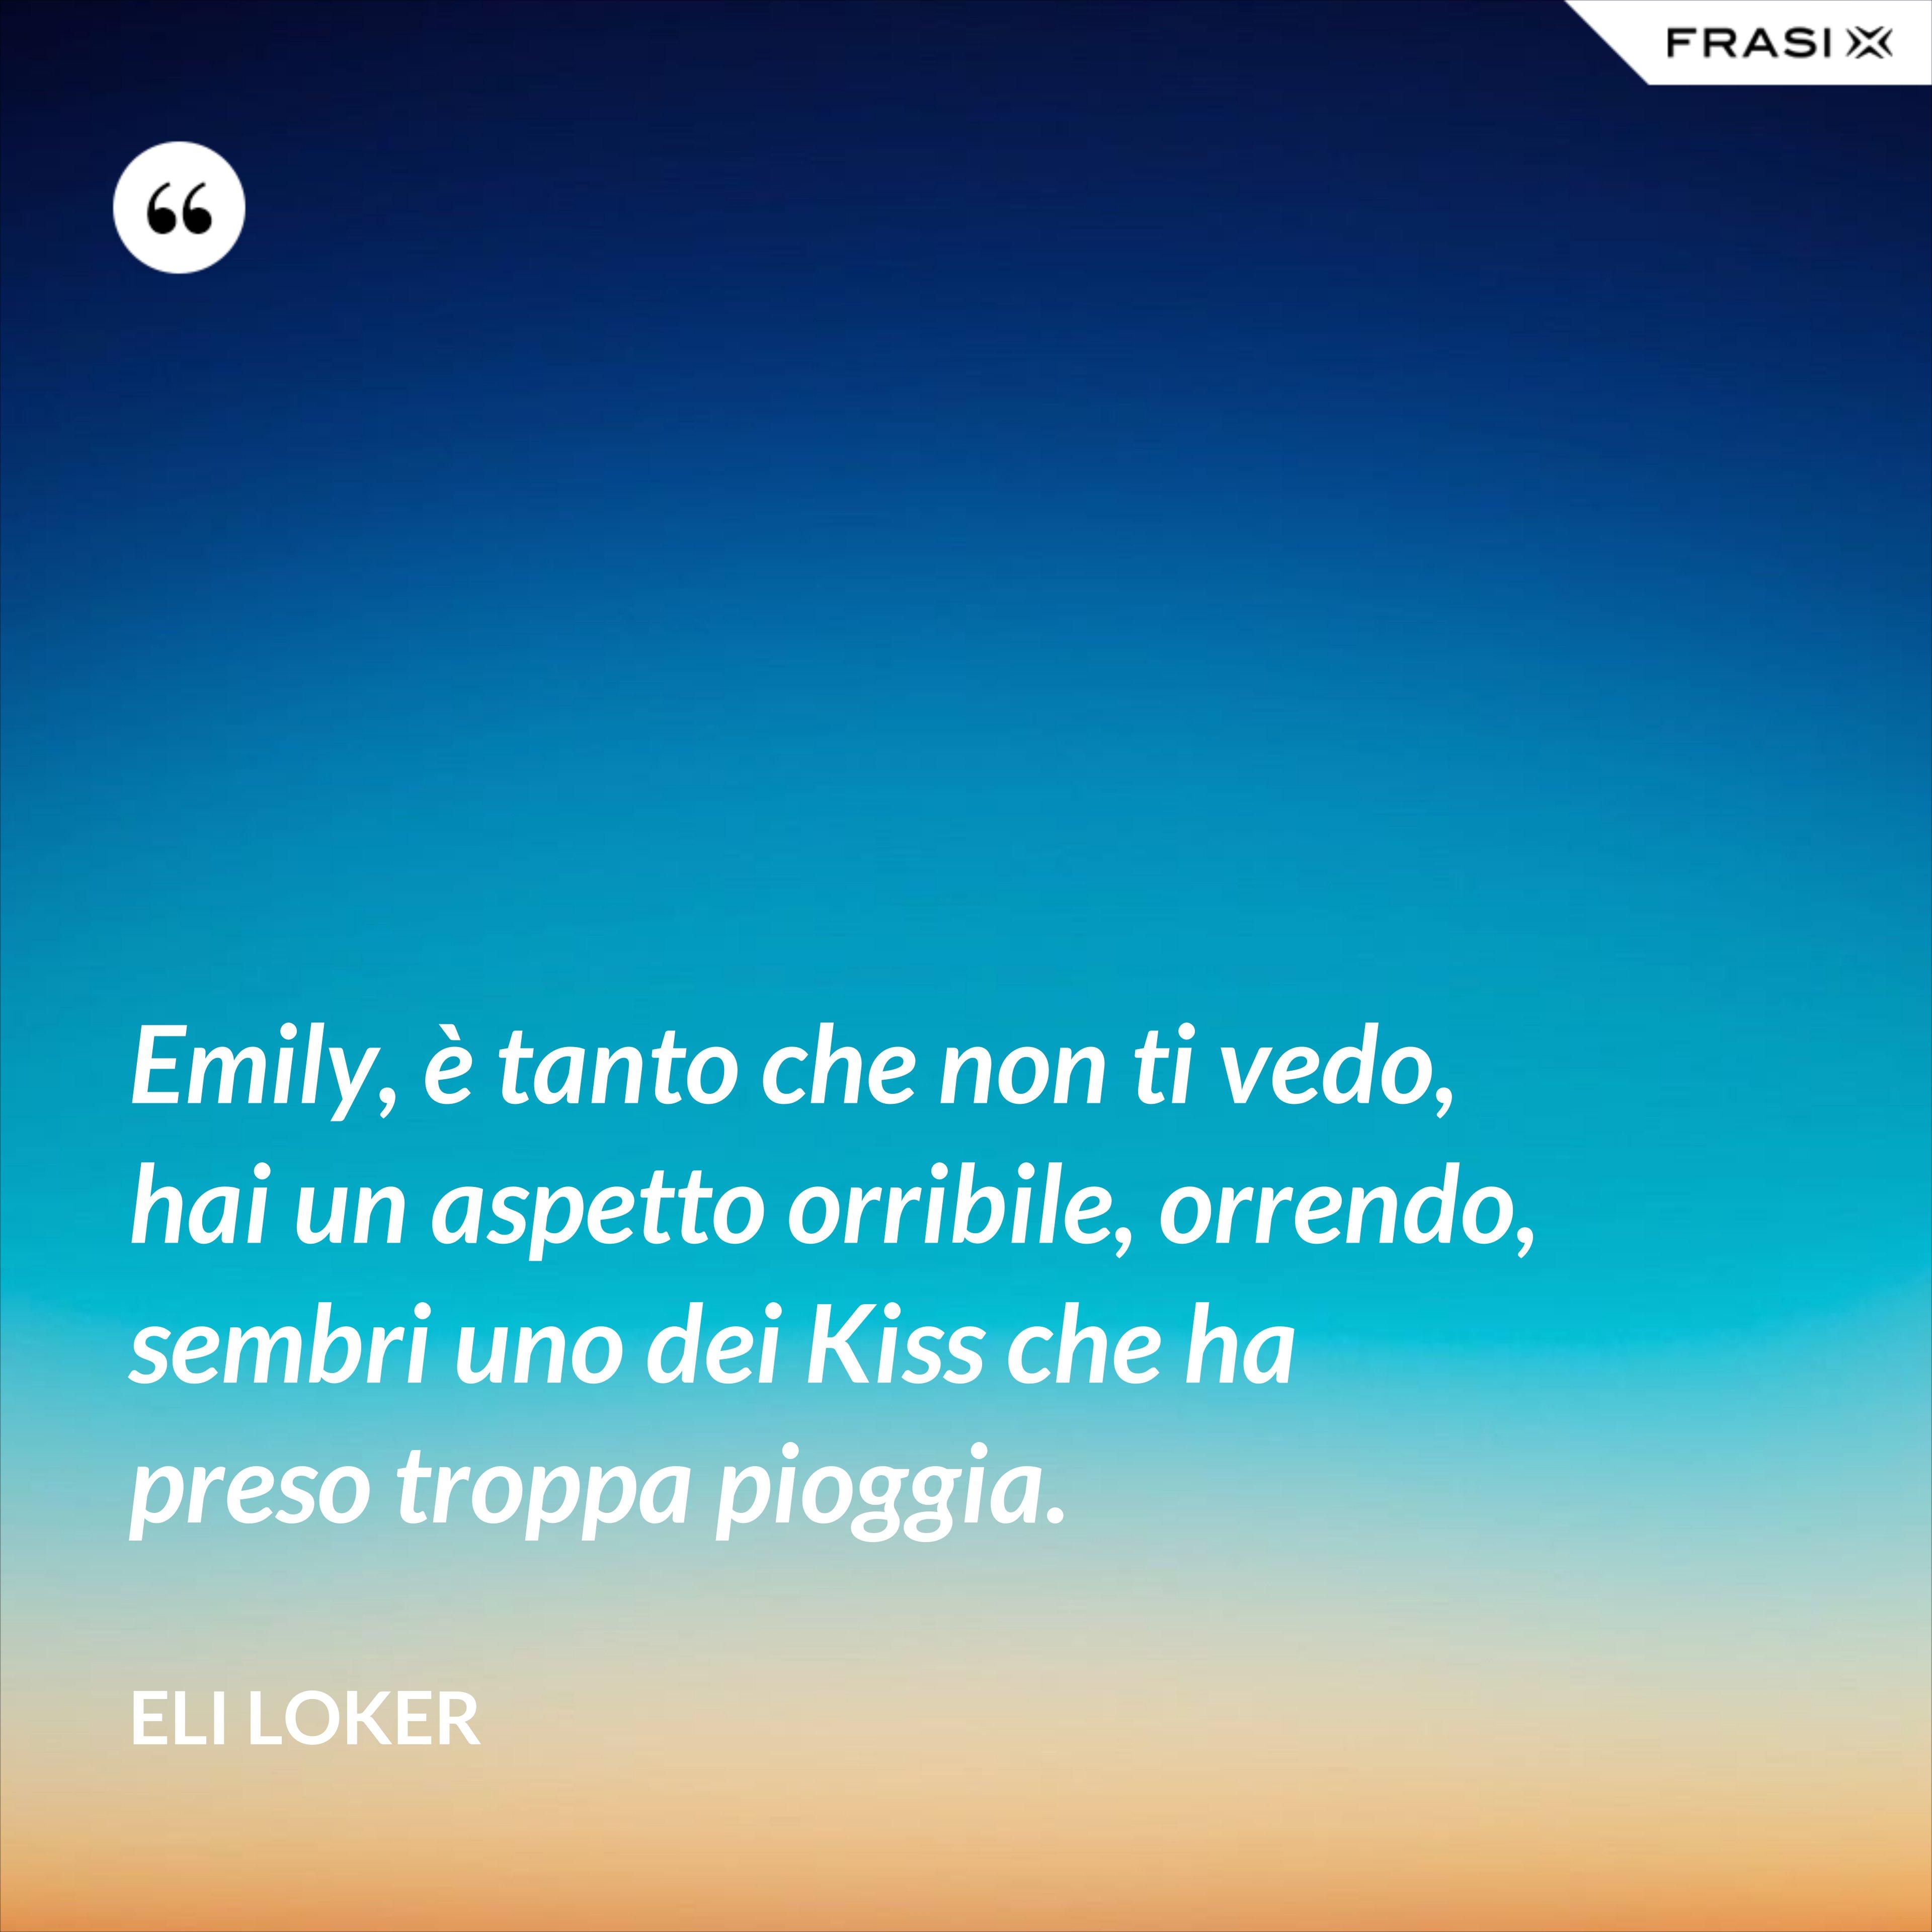 Emily, è tanto che non ti vedo, hai un aspetto orribile, orrendo, sembri uno dei Kiss che ha preso troppa pioggia. - Eli Loker